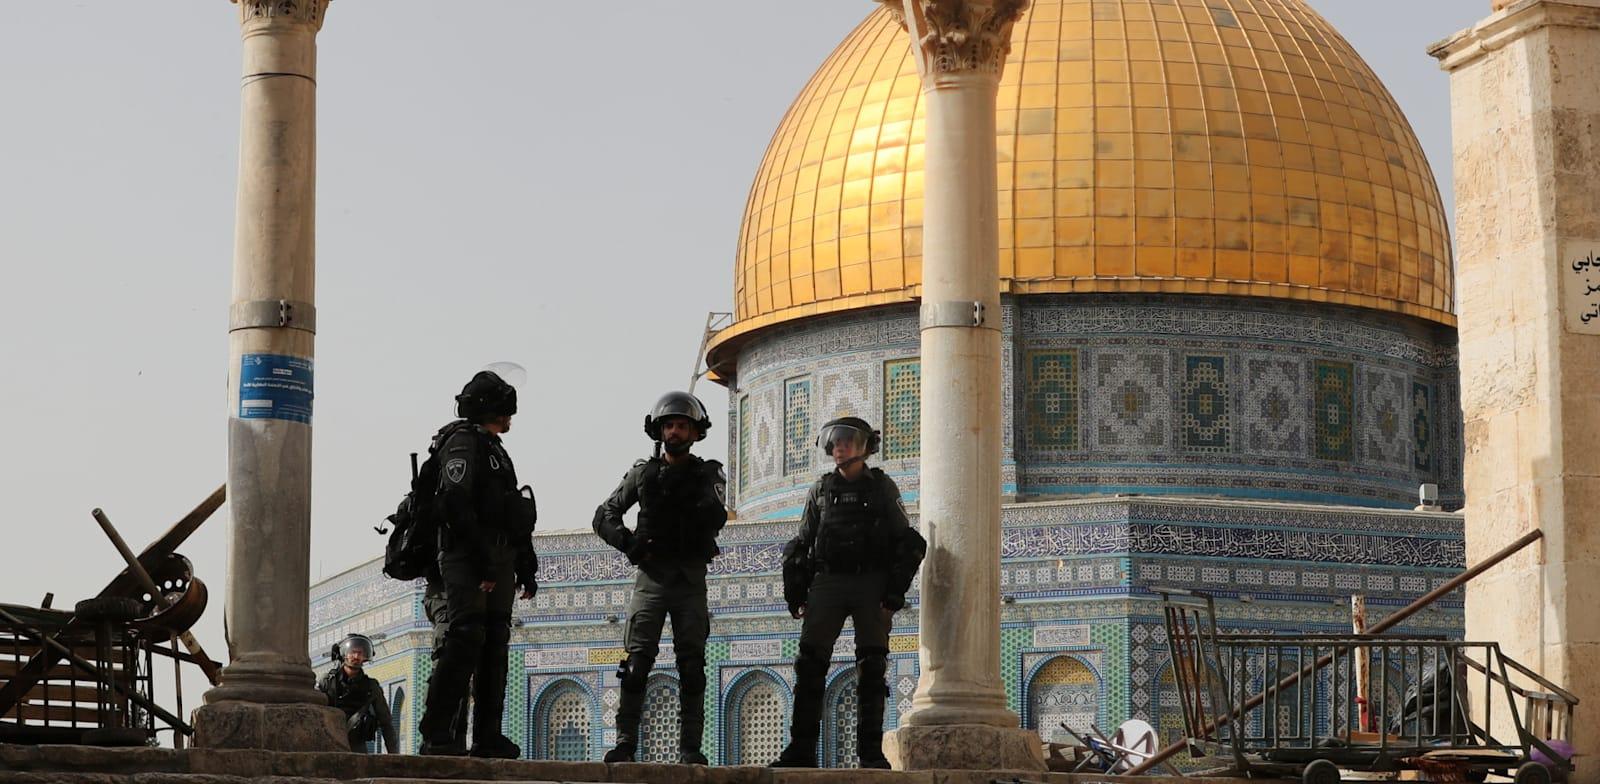 כוחות הביטחון בהר הבית / צילום: Reuters, Ammar Awad